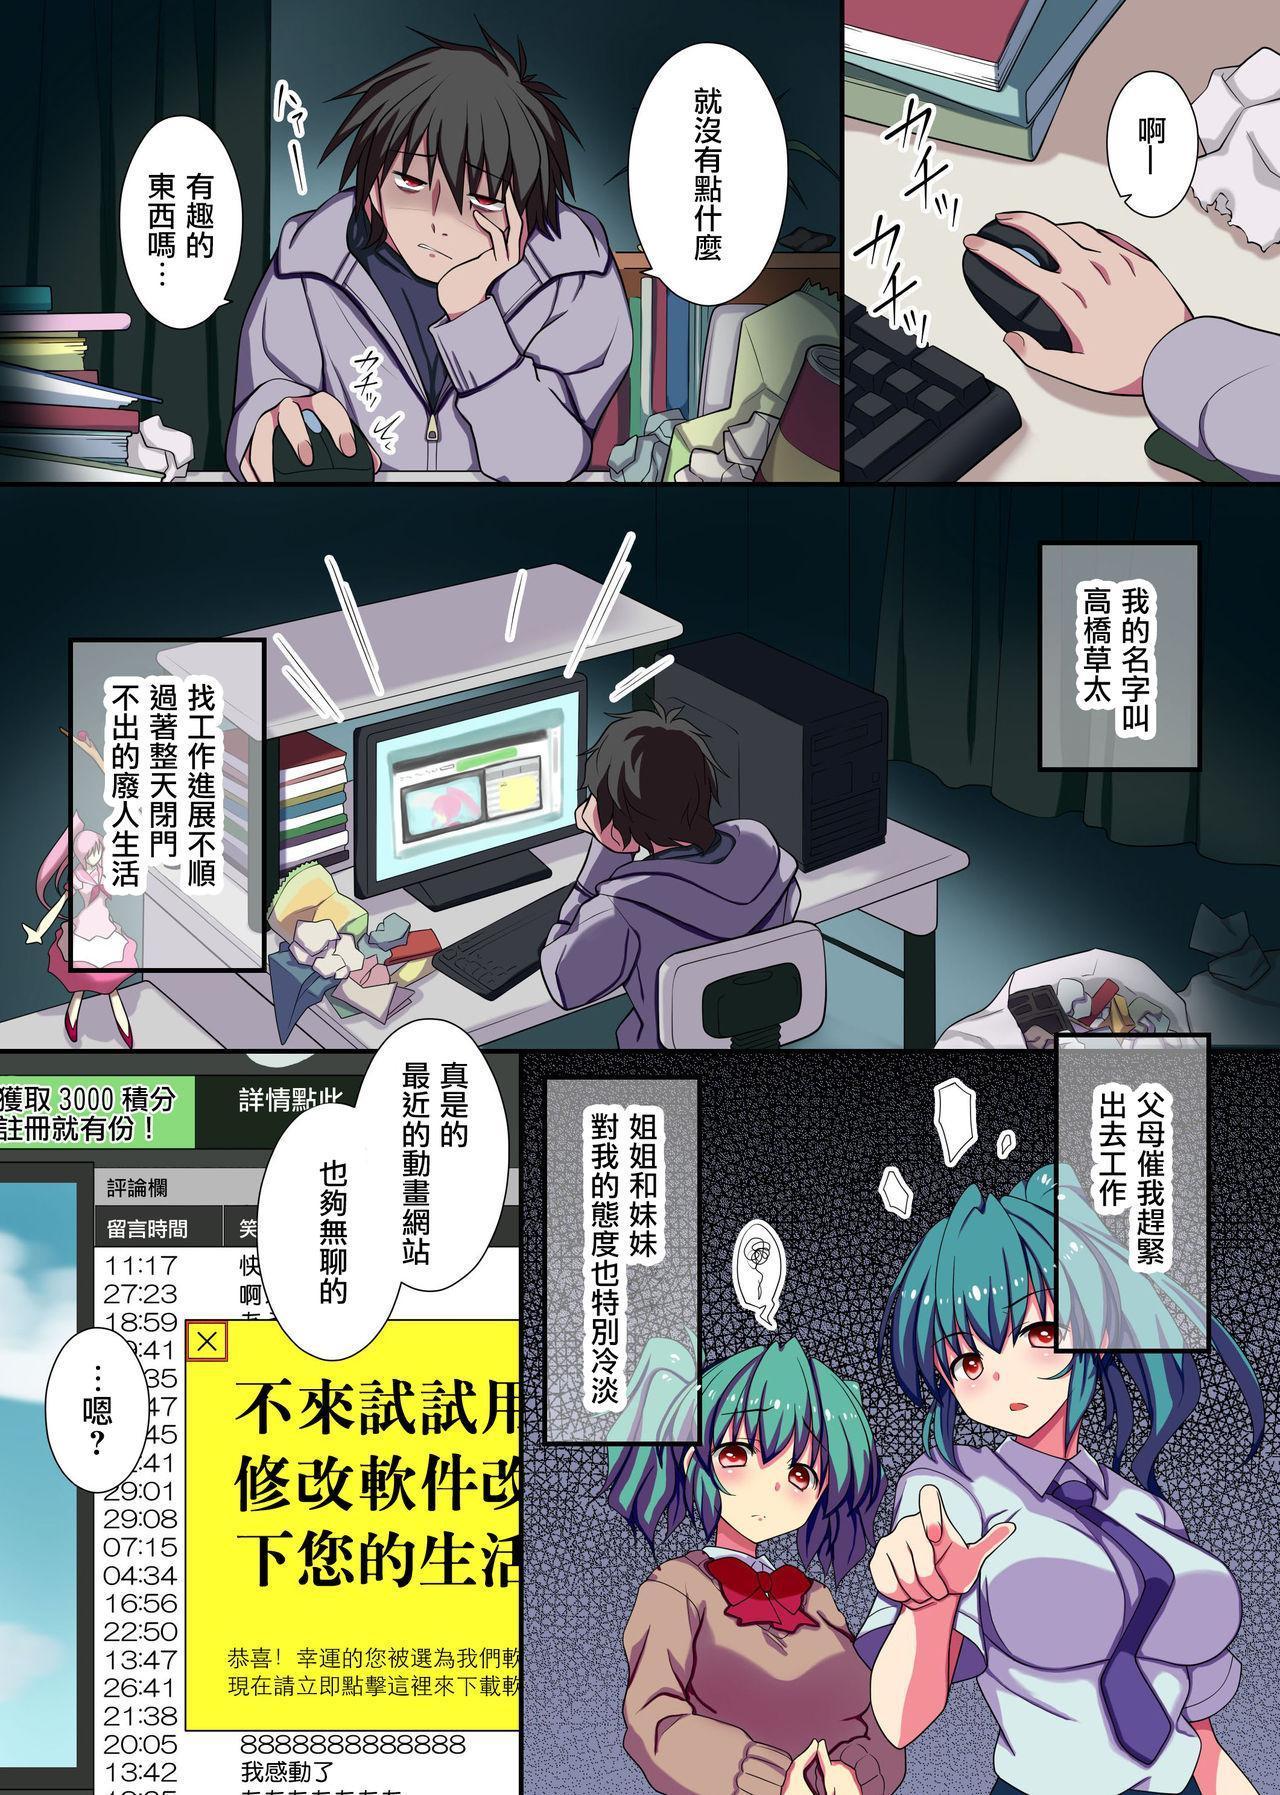 Kyou kara Ore ga Rule Book! Ecchi na Joushiki ni Daremo ga Shitagau Sekai 3